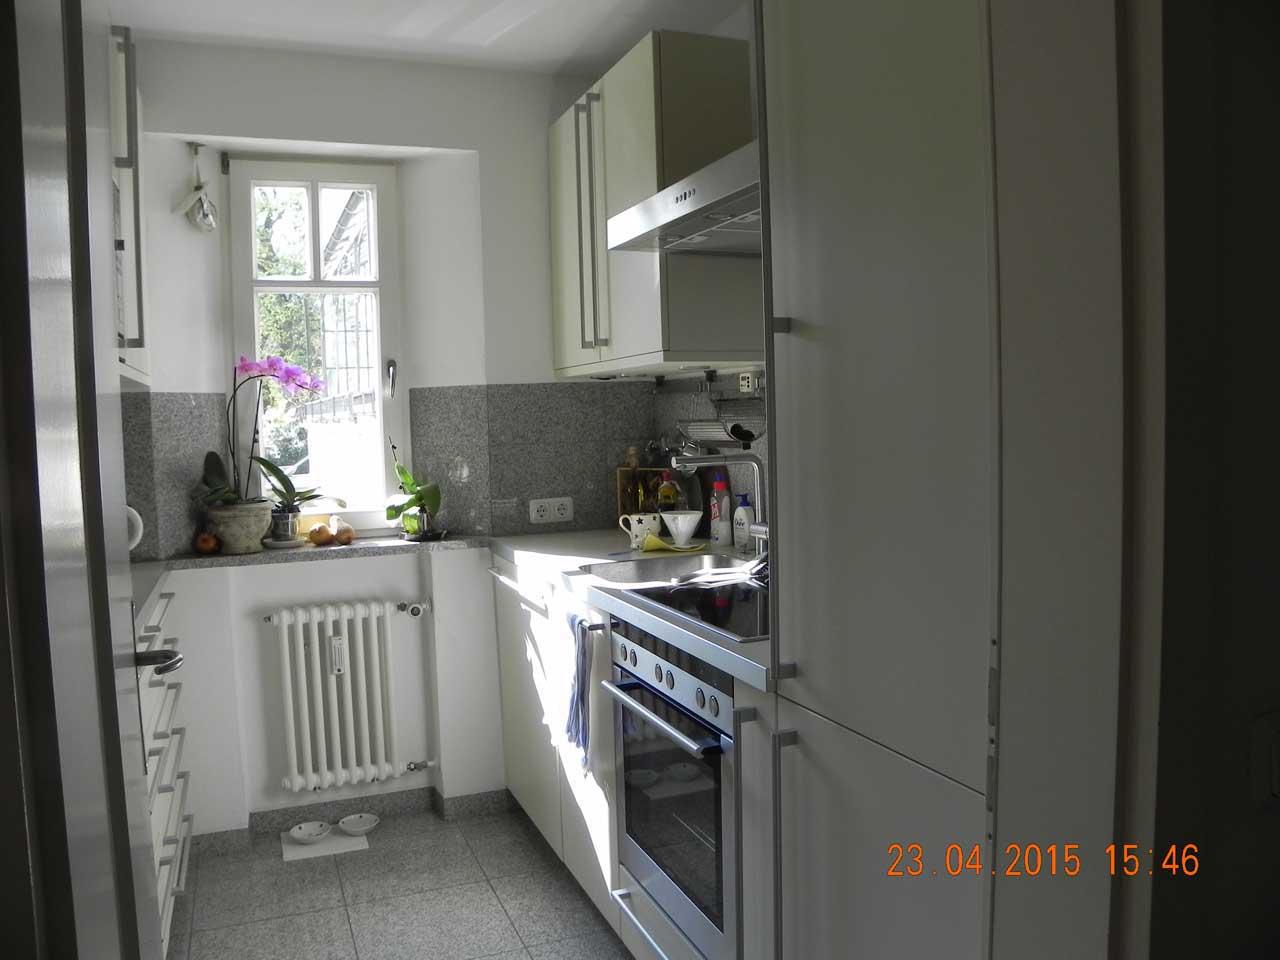 Küche & Kamin - Vorher 01 (voher Küche)